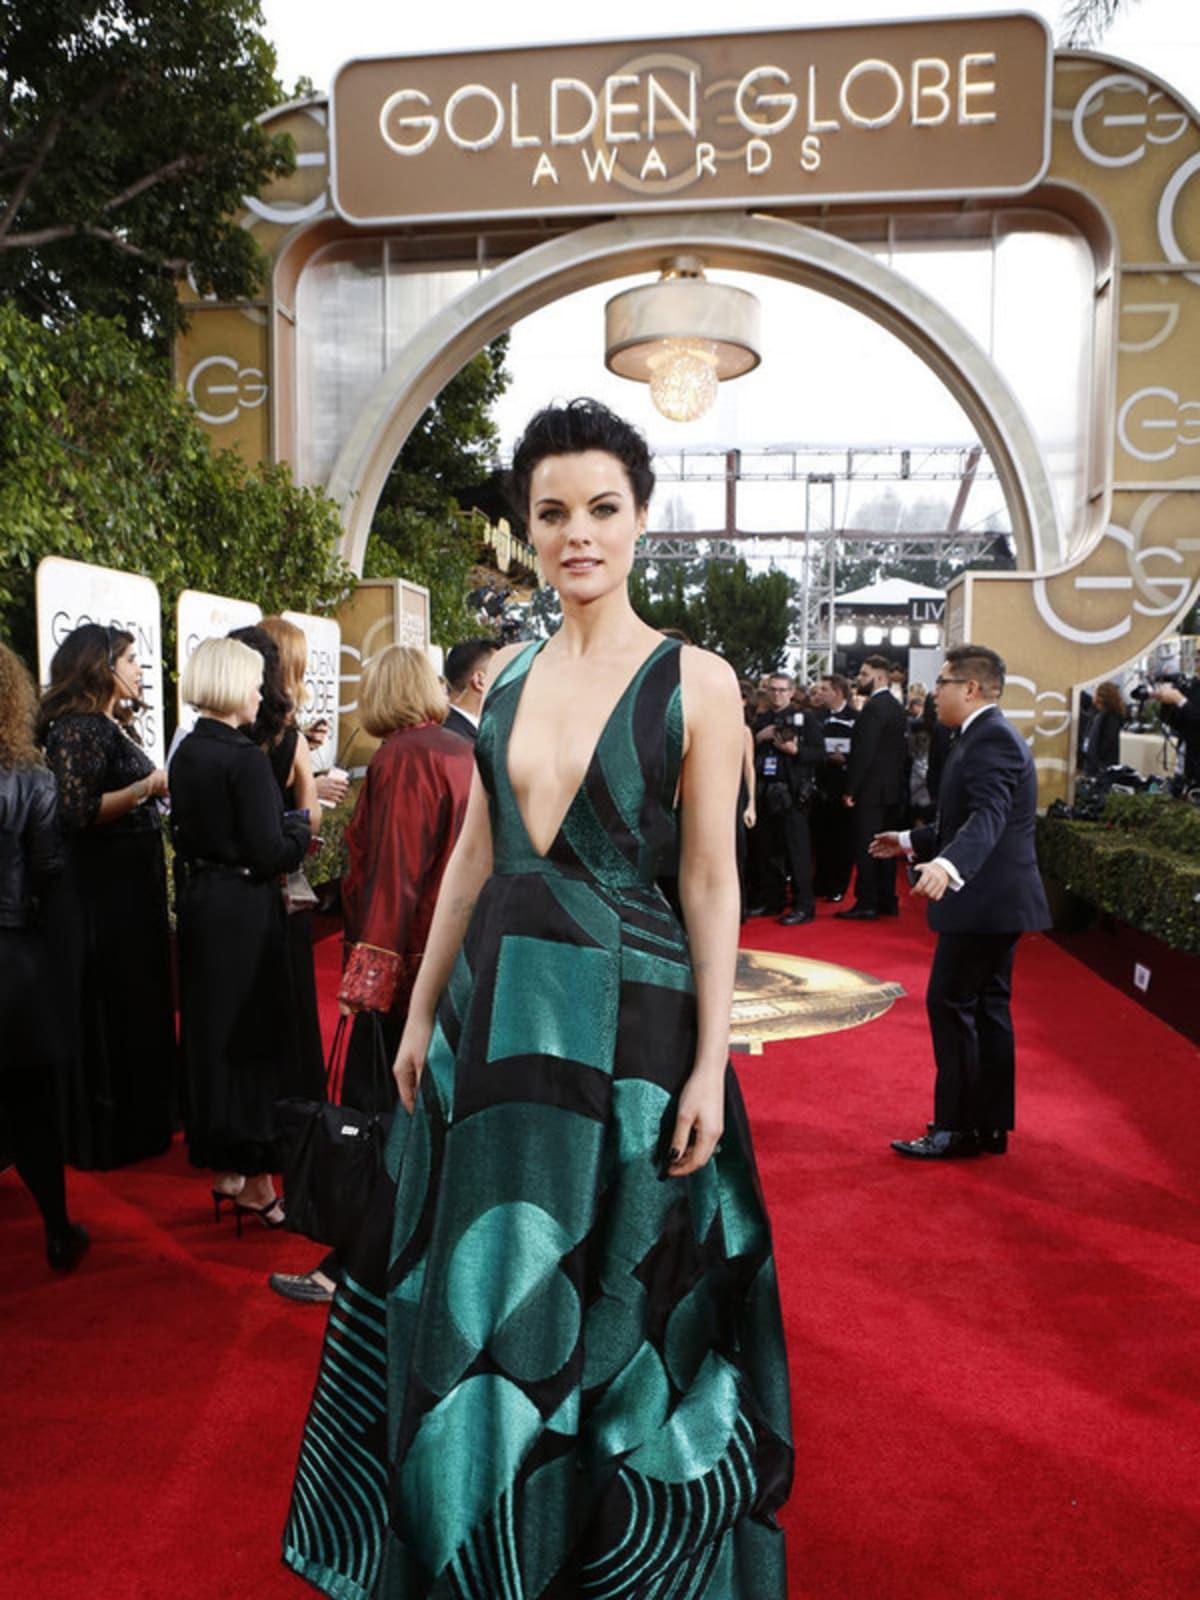 Jaimie Alexander at Golden Globe Awards